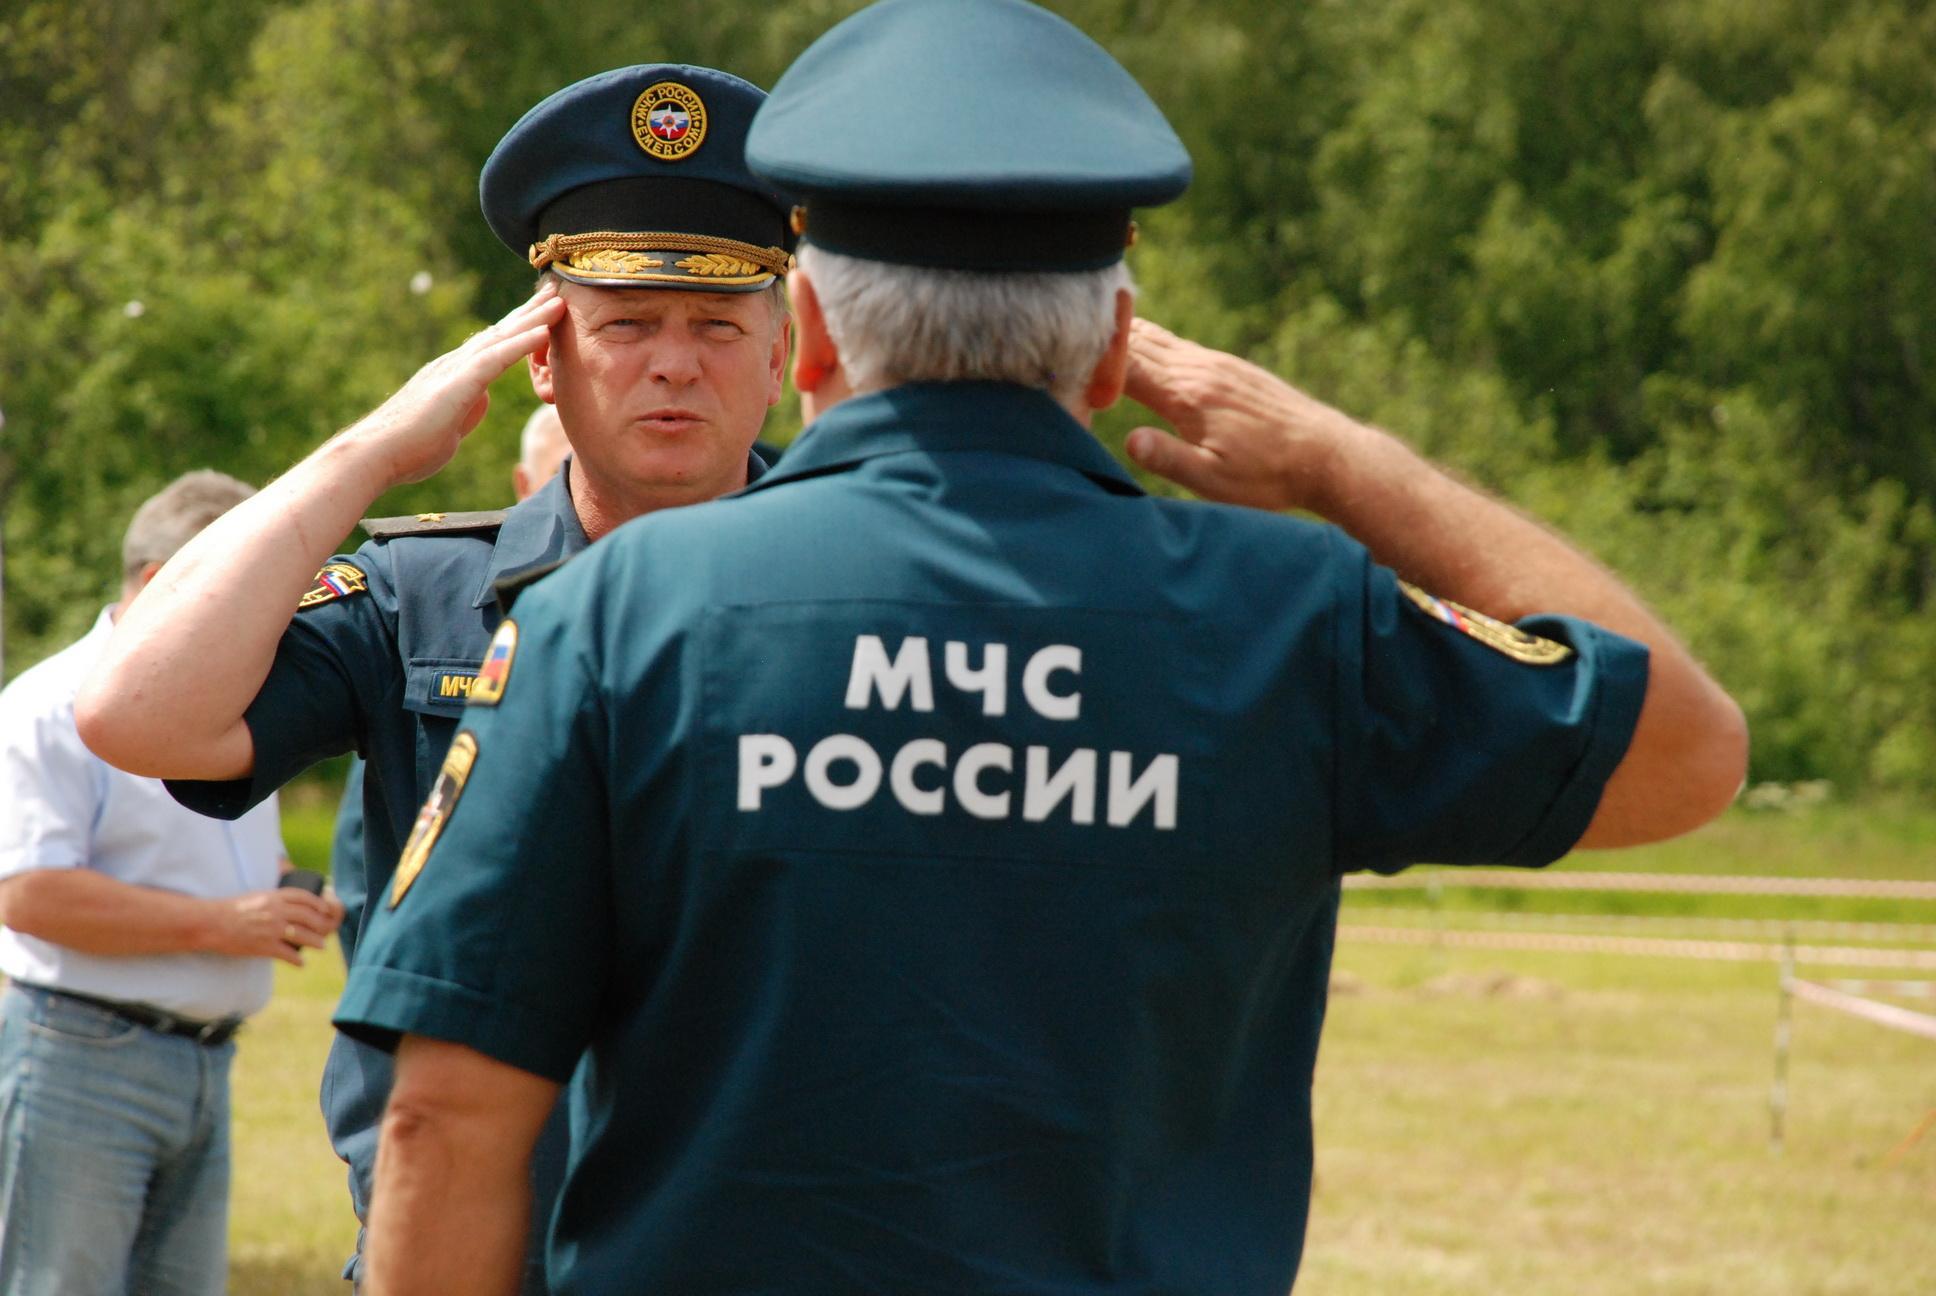 СБОРЫ РУКОВОДЯЩЕГО СОСТАВА СРЦ МЧС РОССИИ (2-3.06.2013)